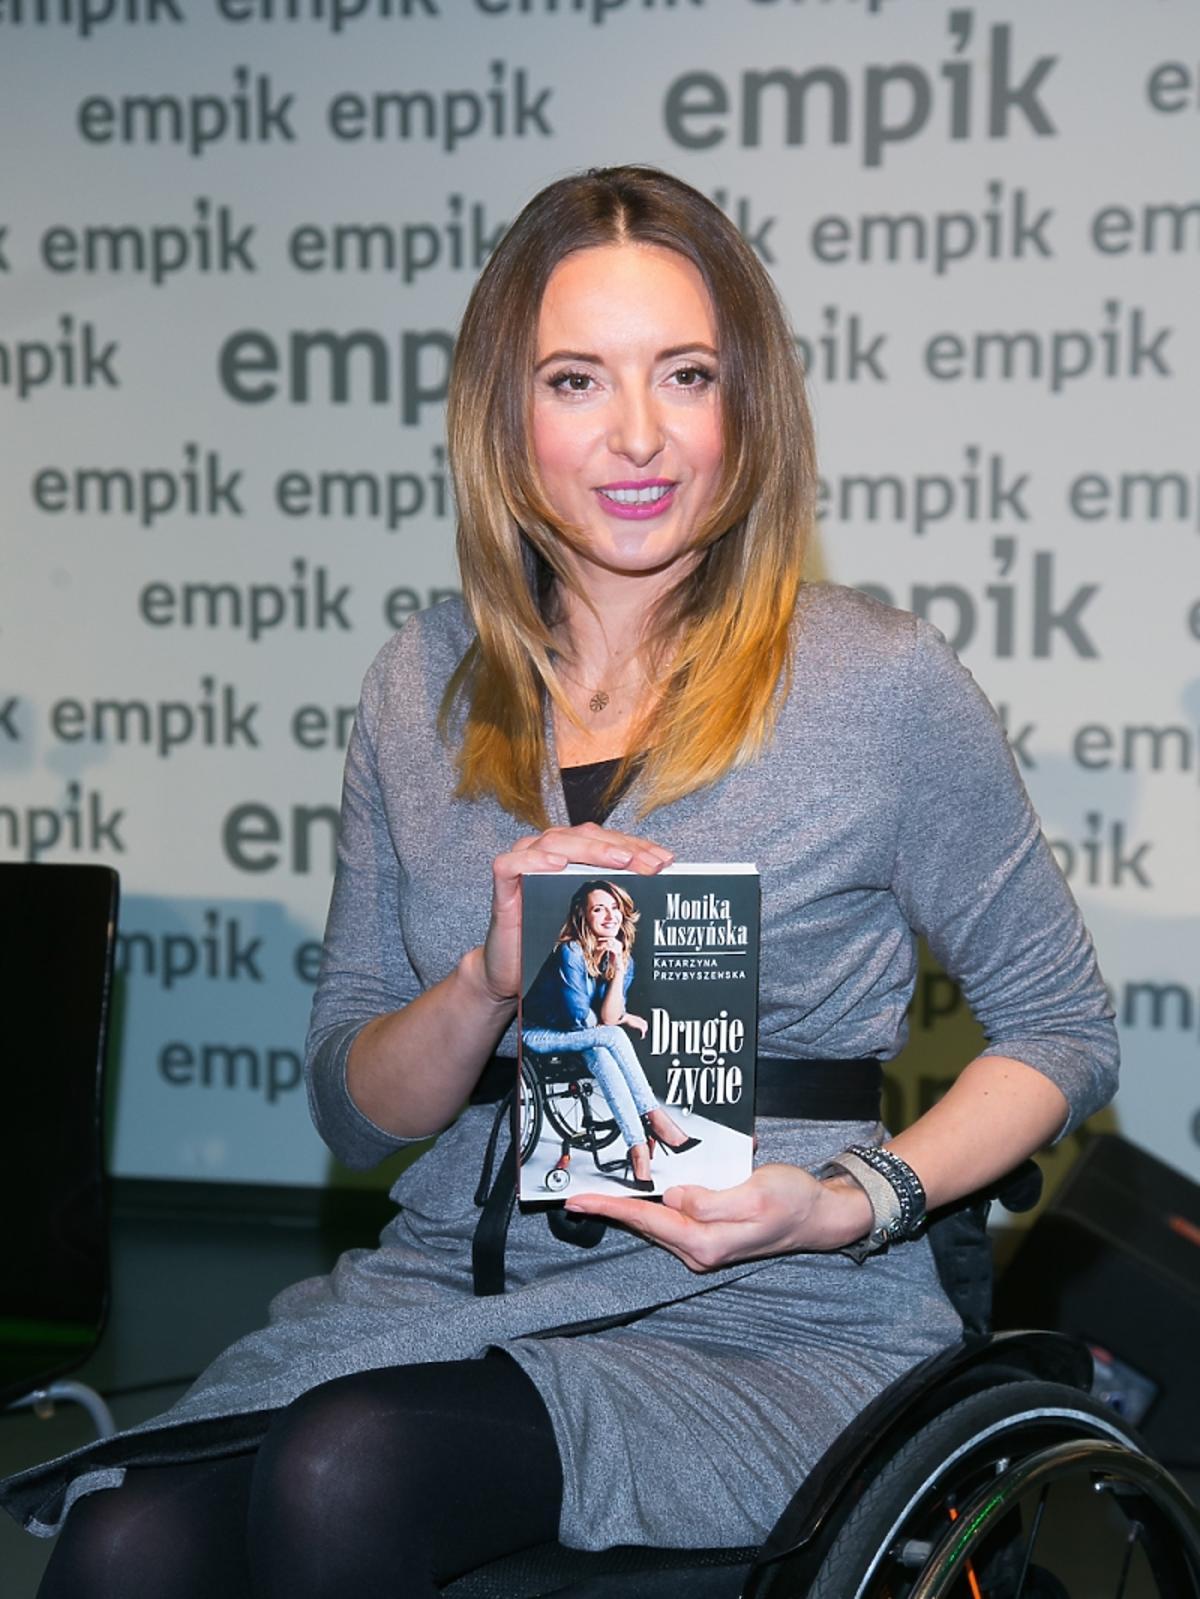 Monika Kuszyńska promuje swoją książkę